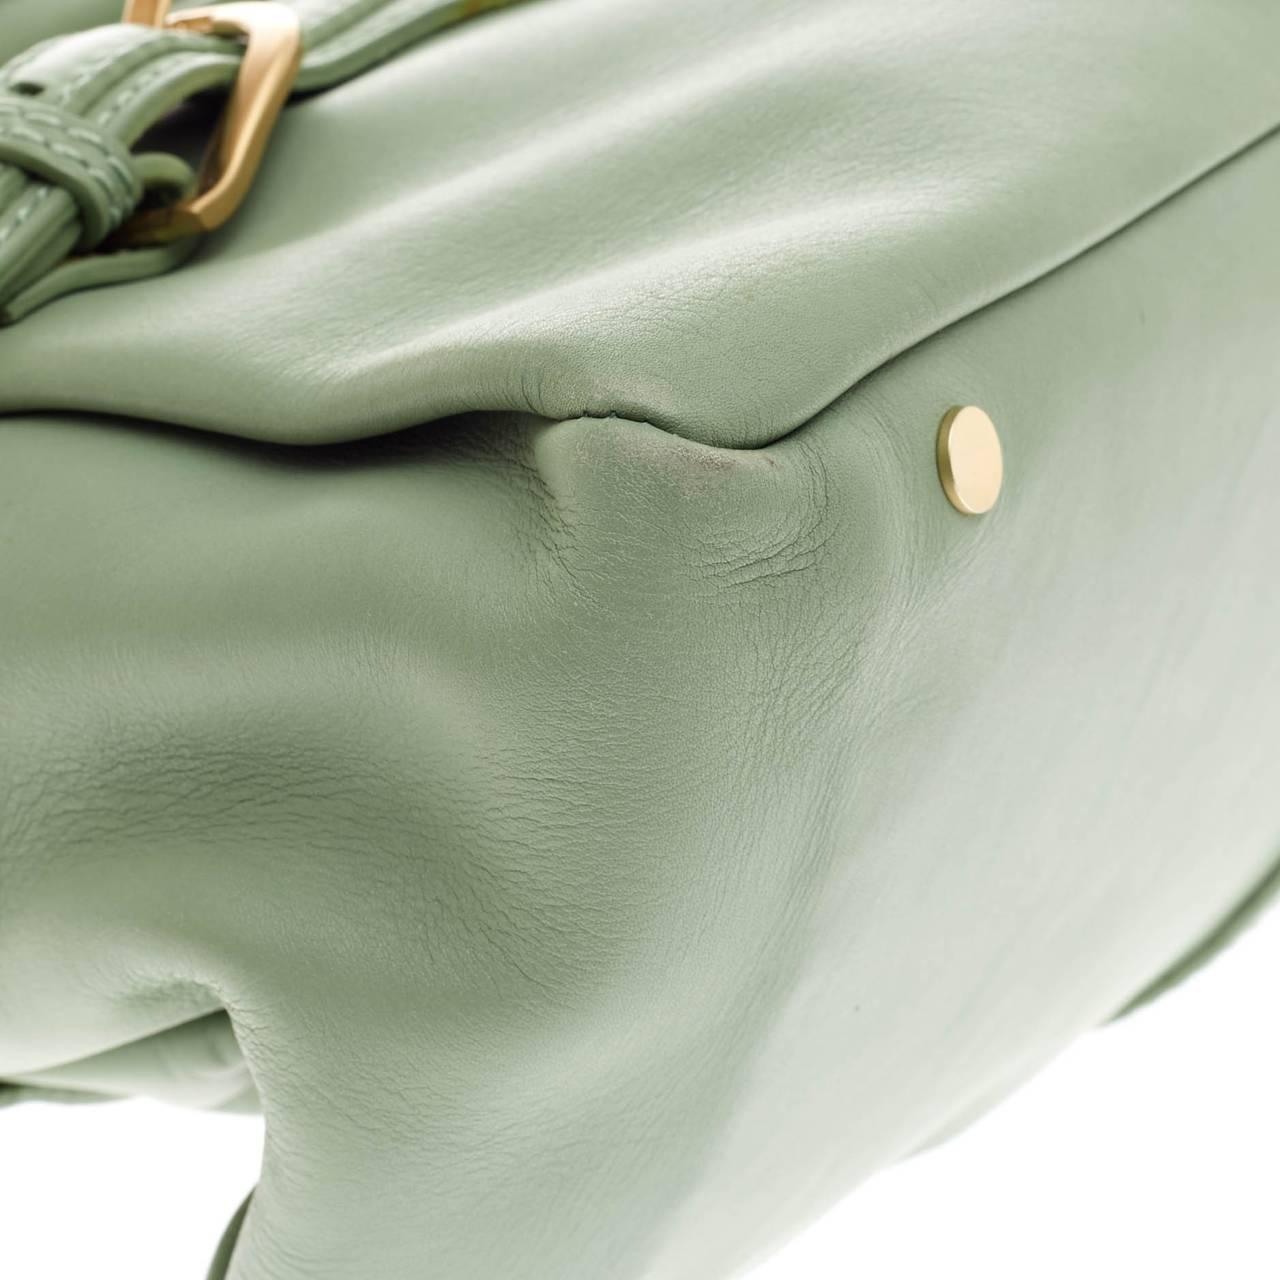 Jimmy Choo Tulita Shoulder Bag Leather For Sale 3